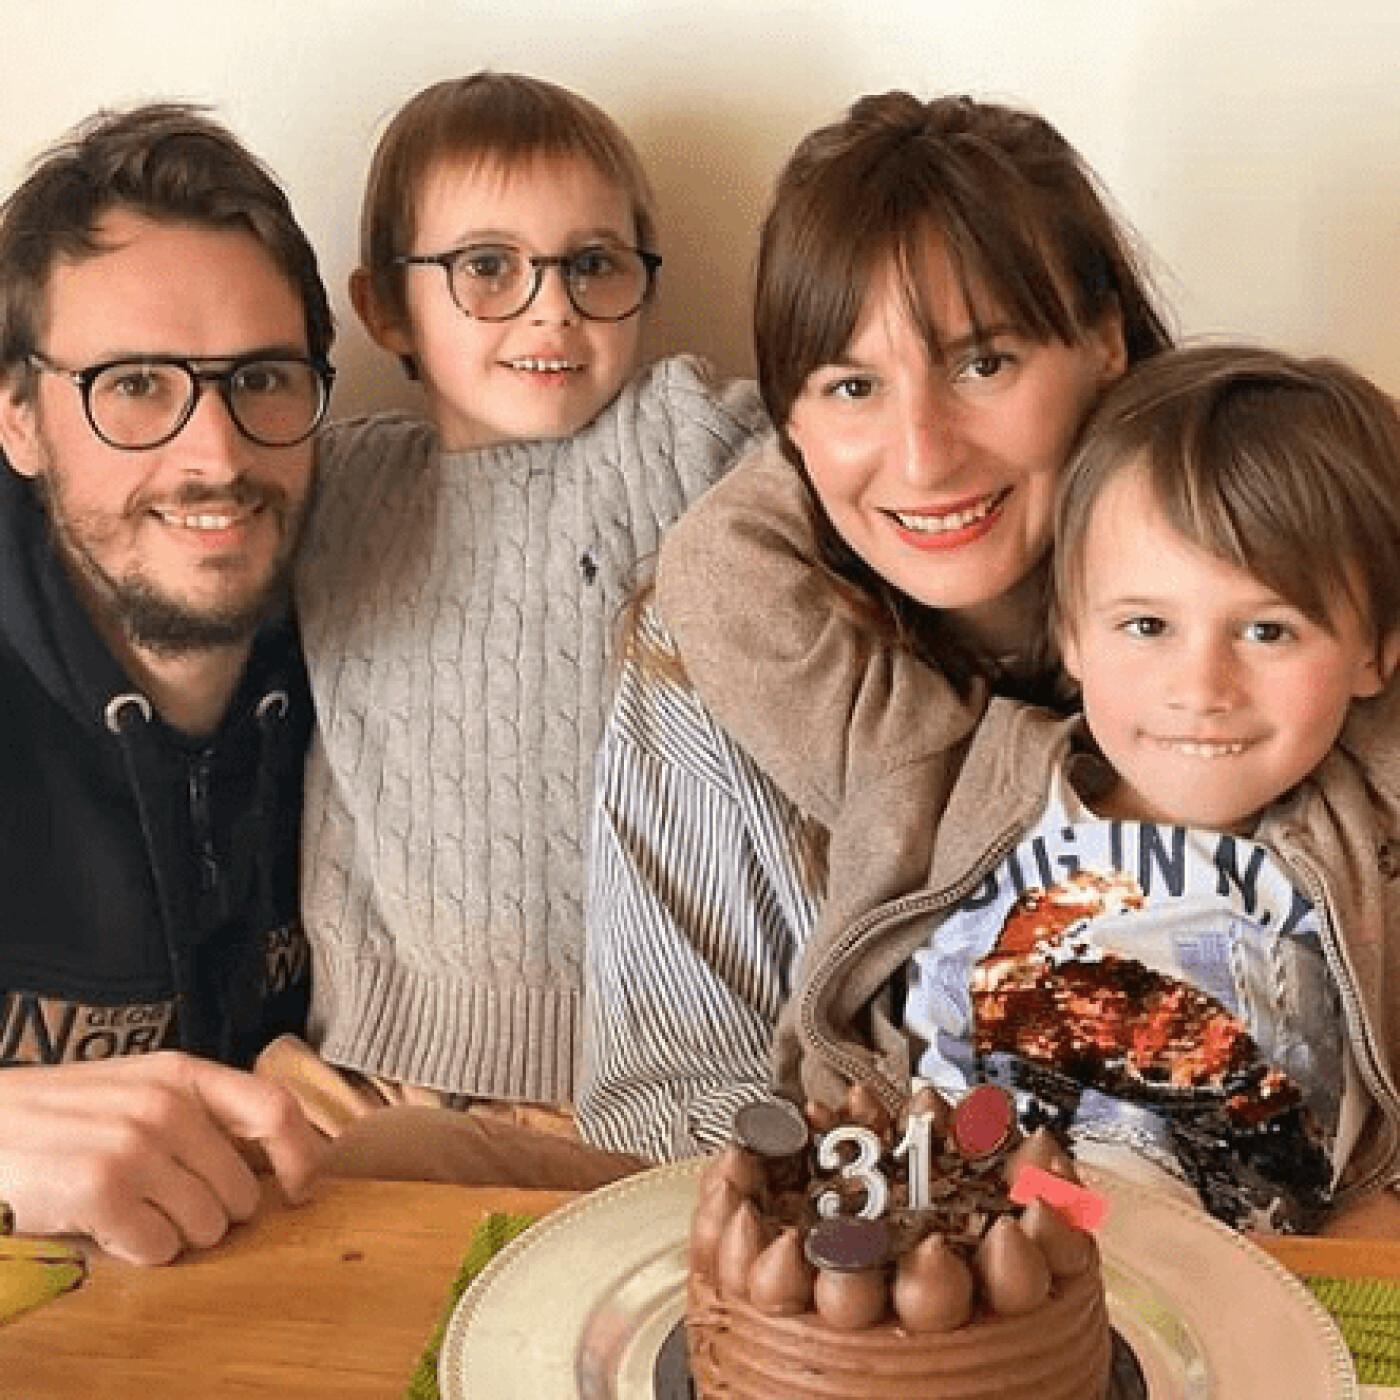 Noémie et sa famille s'installent à Québec - 02 06 2021 - StereoChic Radio